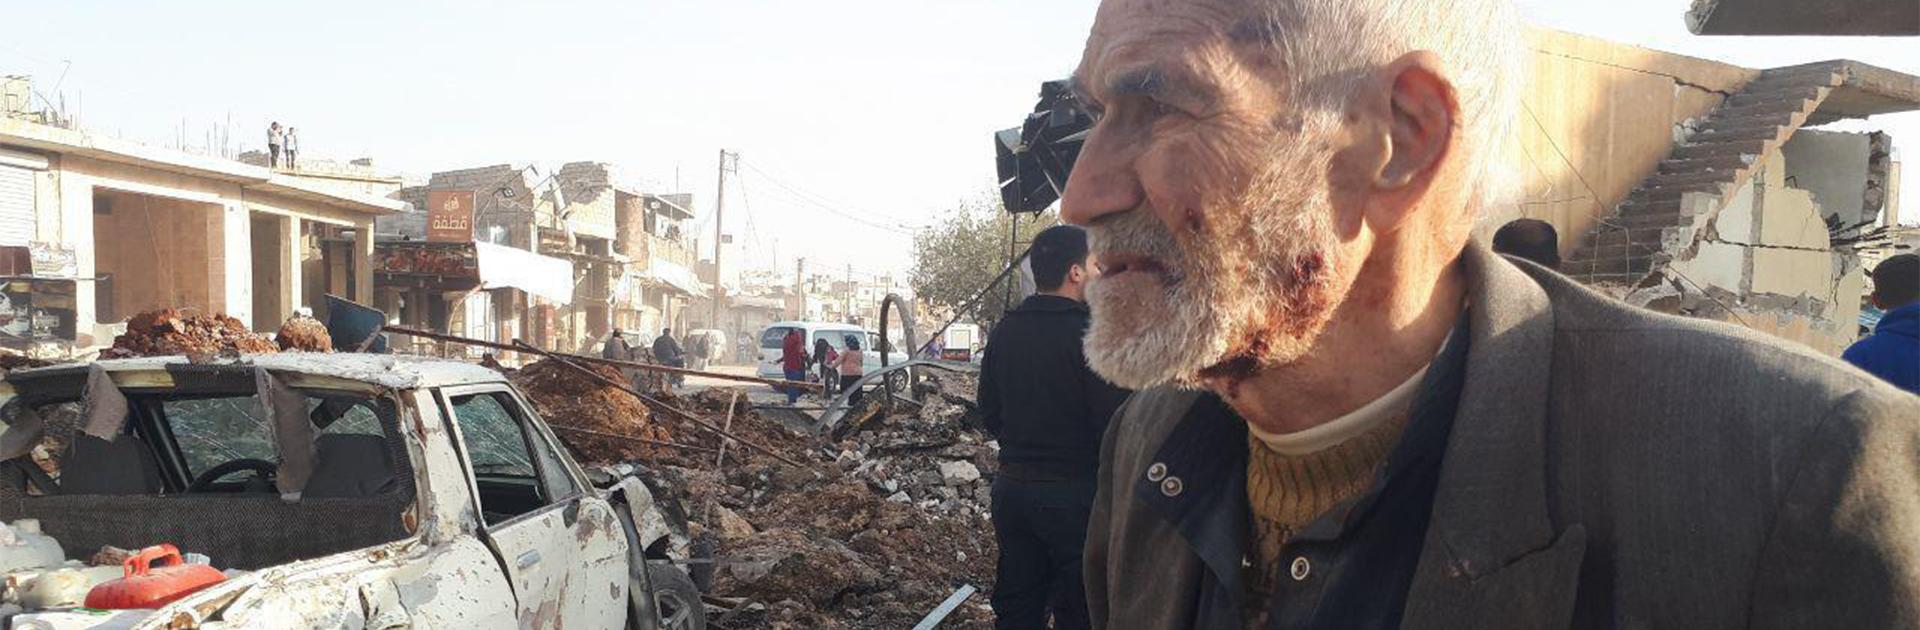 Syrie: Euro-Med exige une position internationale décisive à l'égard du massacre d'Al-Atarib